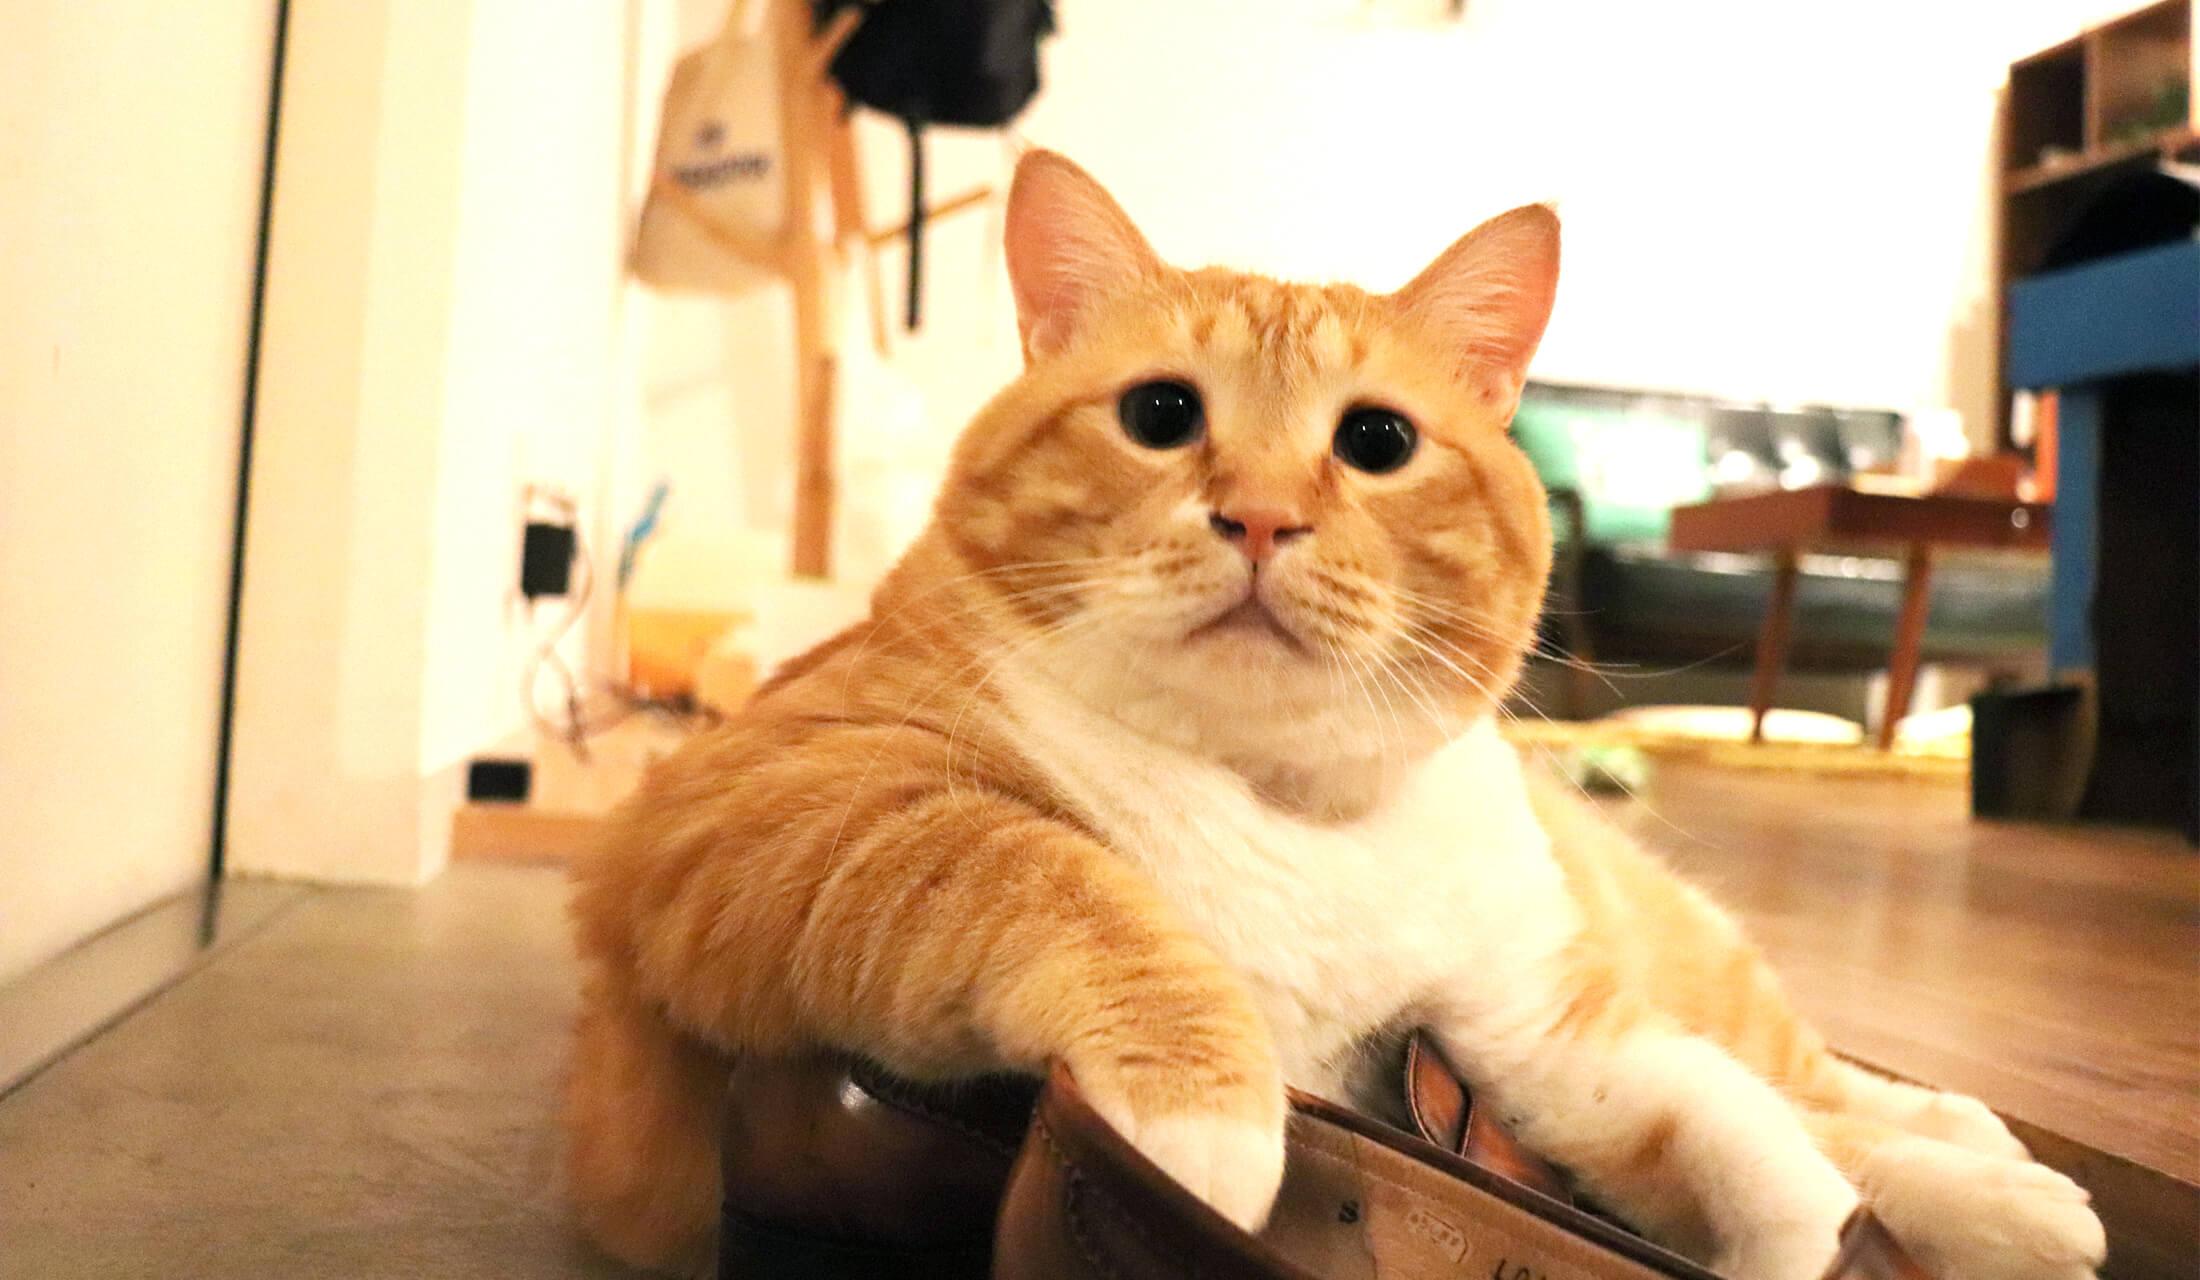 茶トラの猫「ぐっぴー」が、玄関の靴に腕を乗せて堂々と寝転がっている